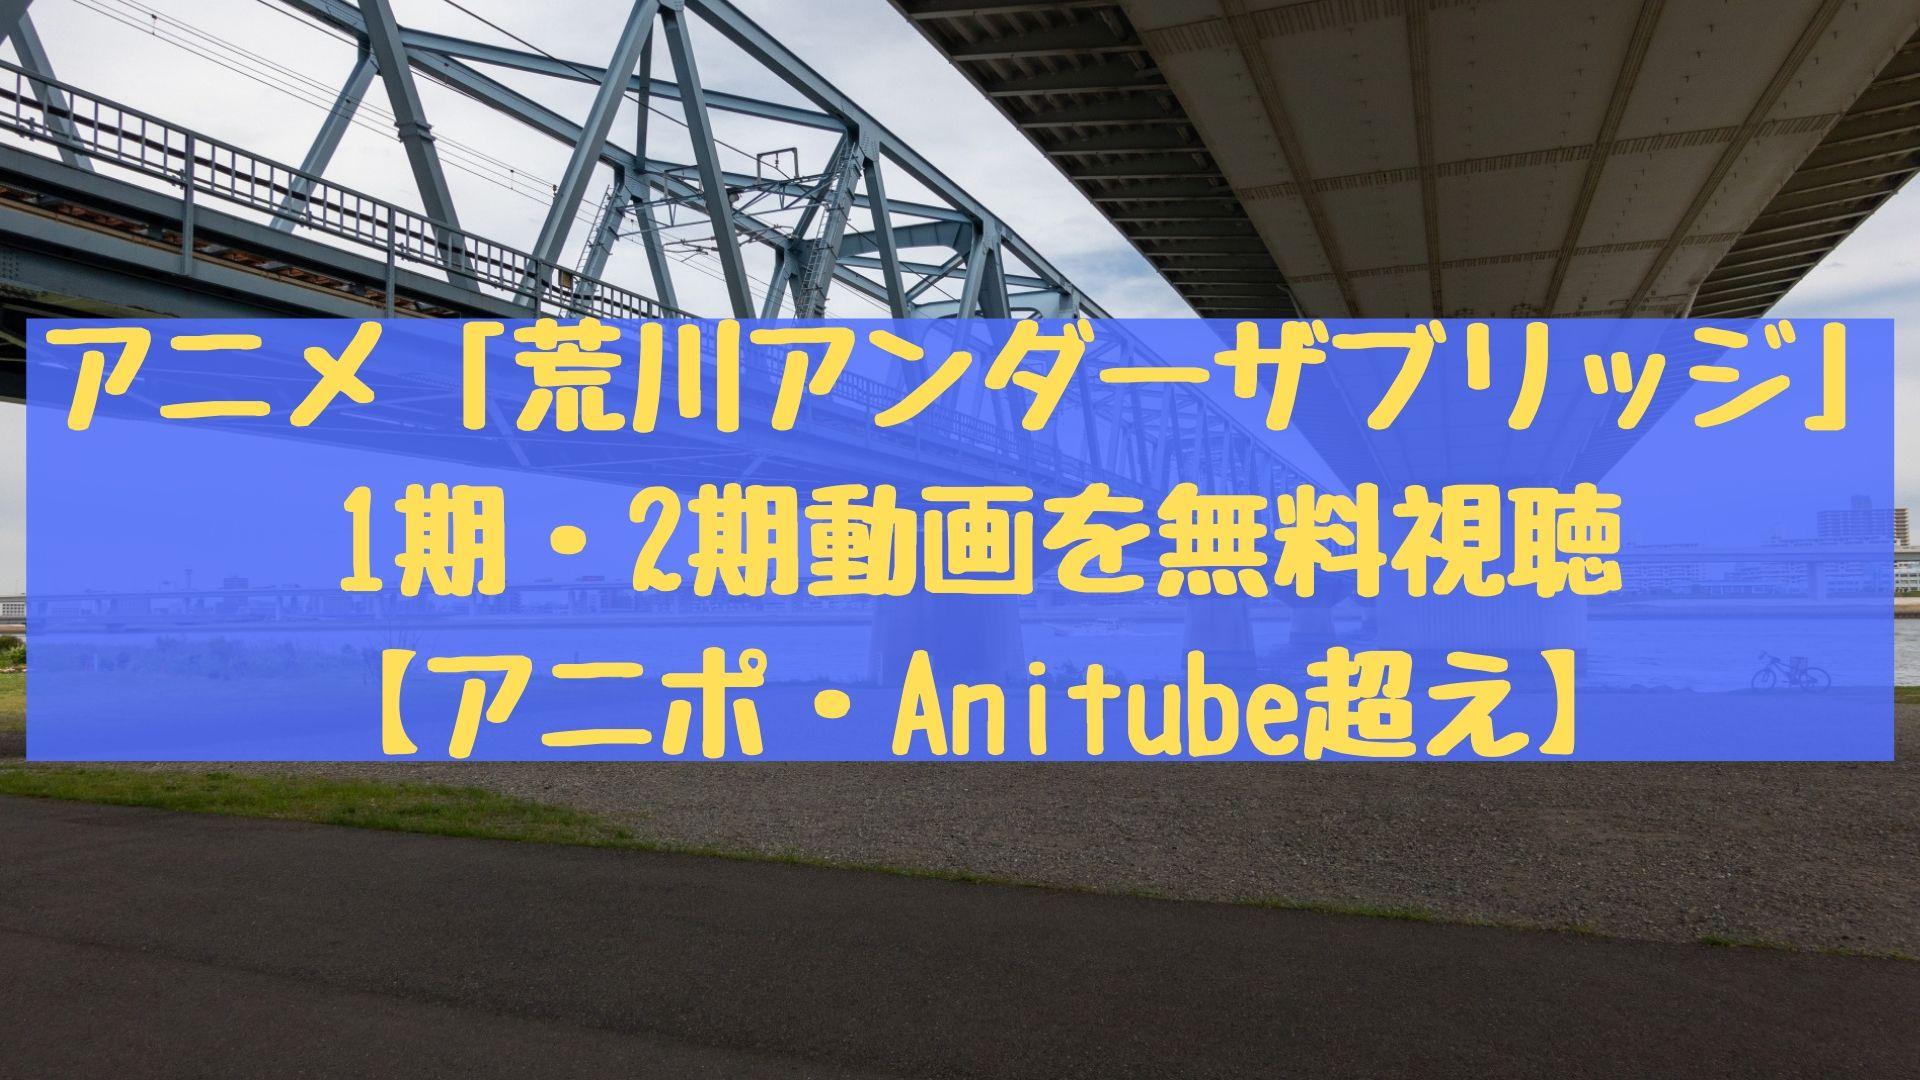 アニメ「荒川アンダーザブリッジ」1期・2期動画を無料視聴【アニポ・Anitube超え】